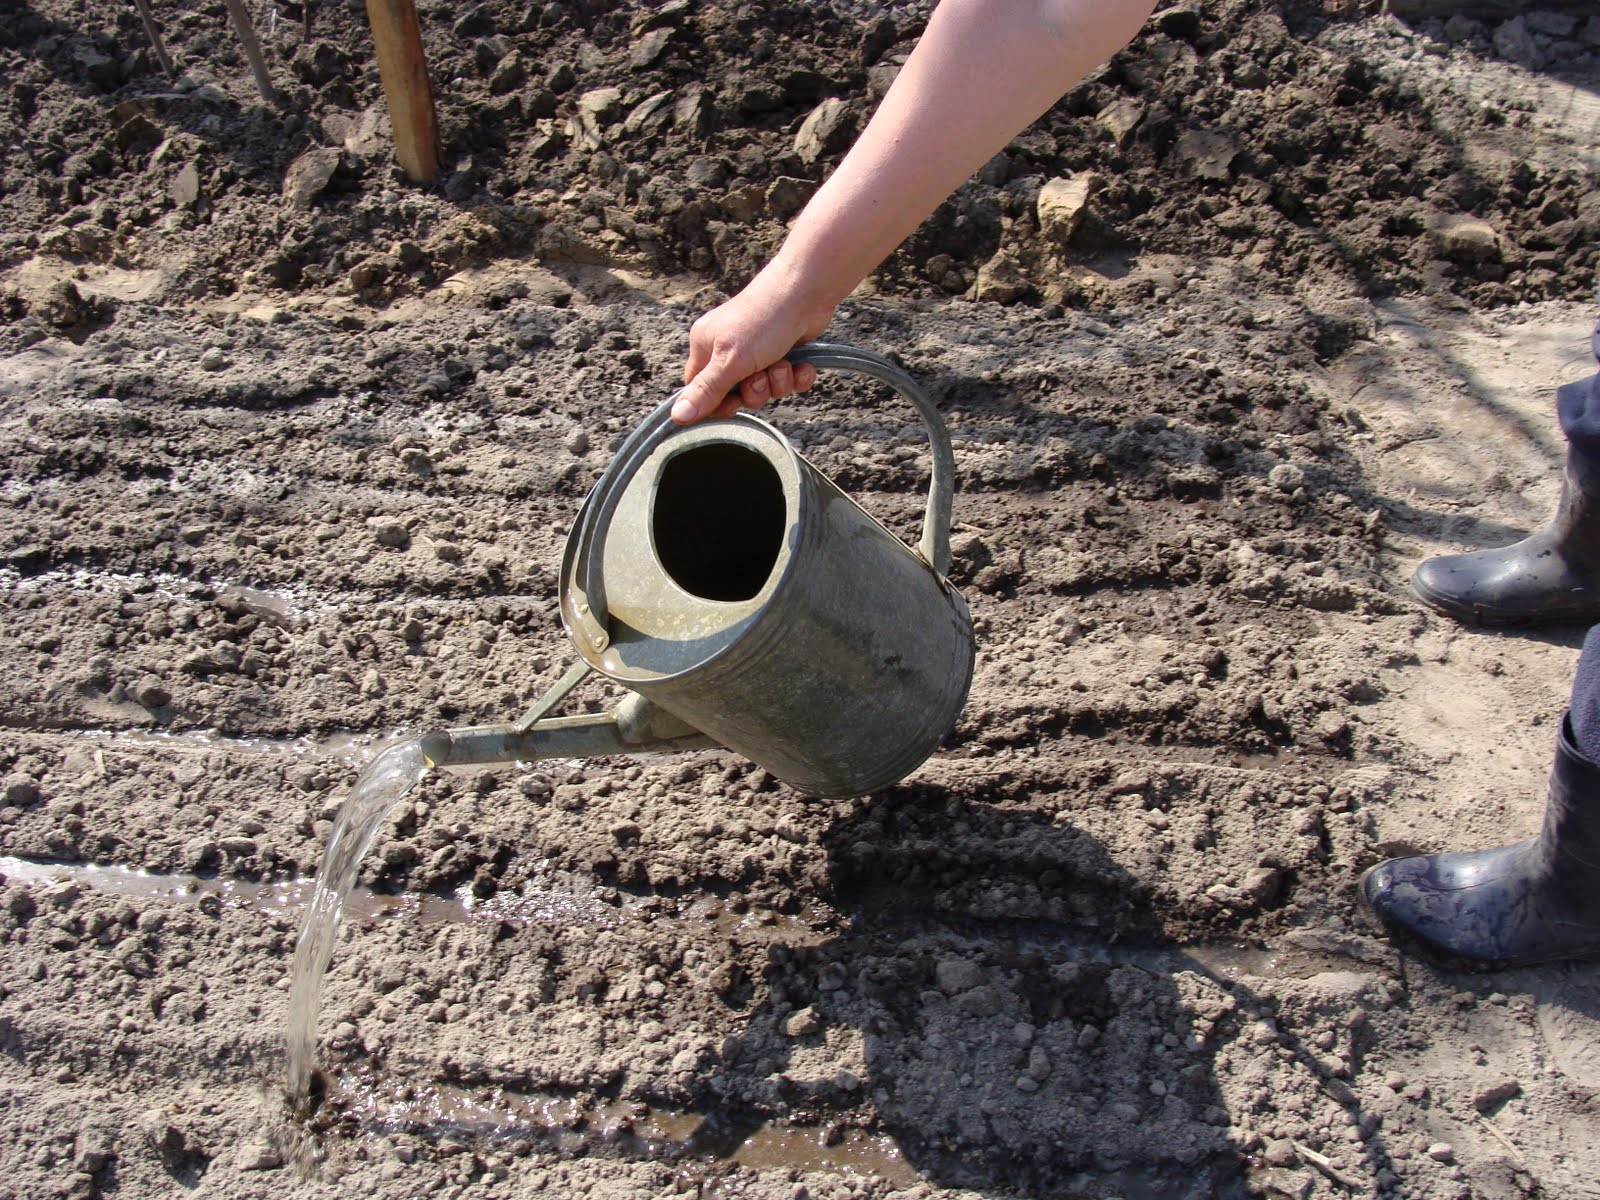 Разбавленной закваской поливаем выбранное место для выращивания грибов